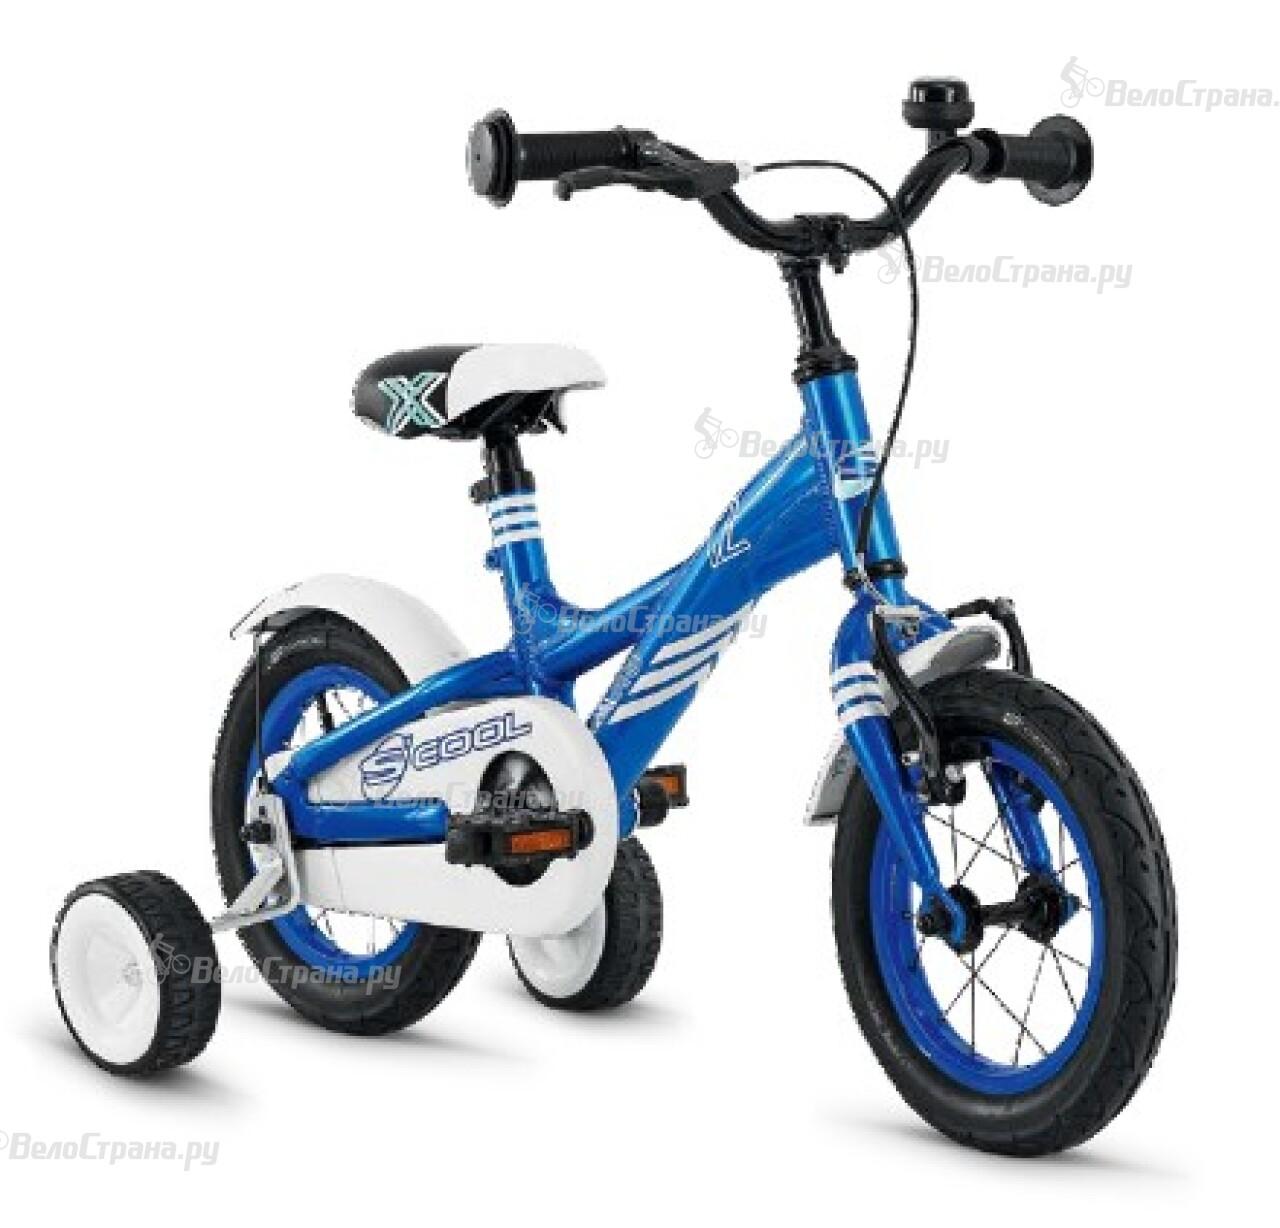 Велосипед Scool XX lite 12 (2014) цена